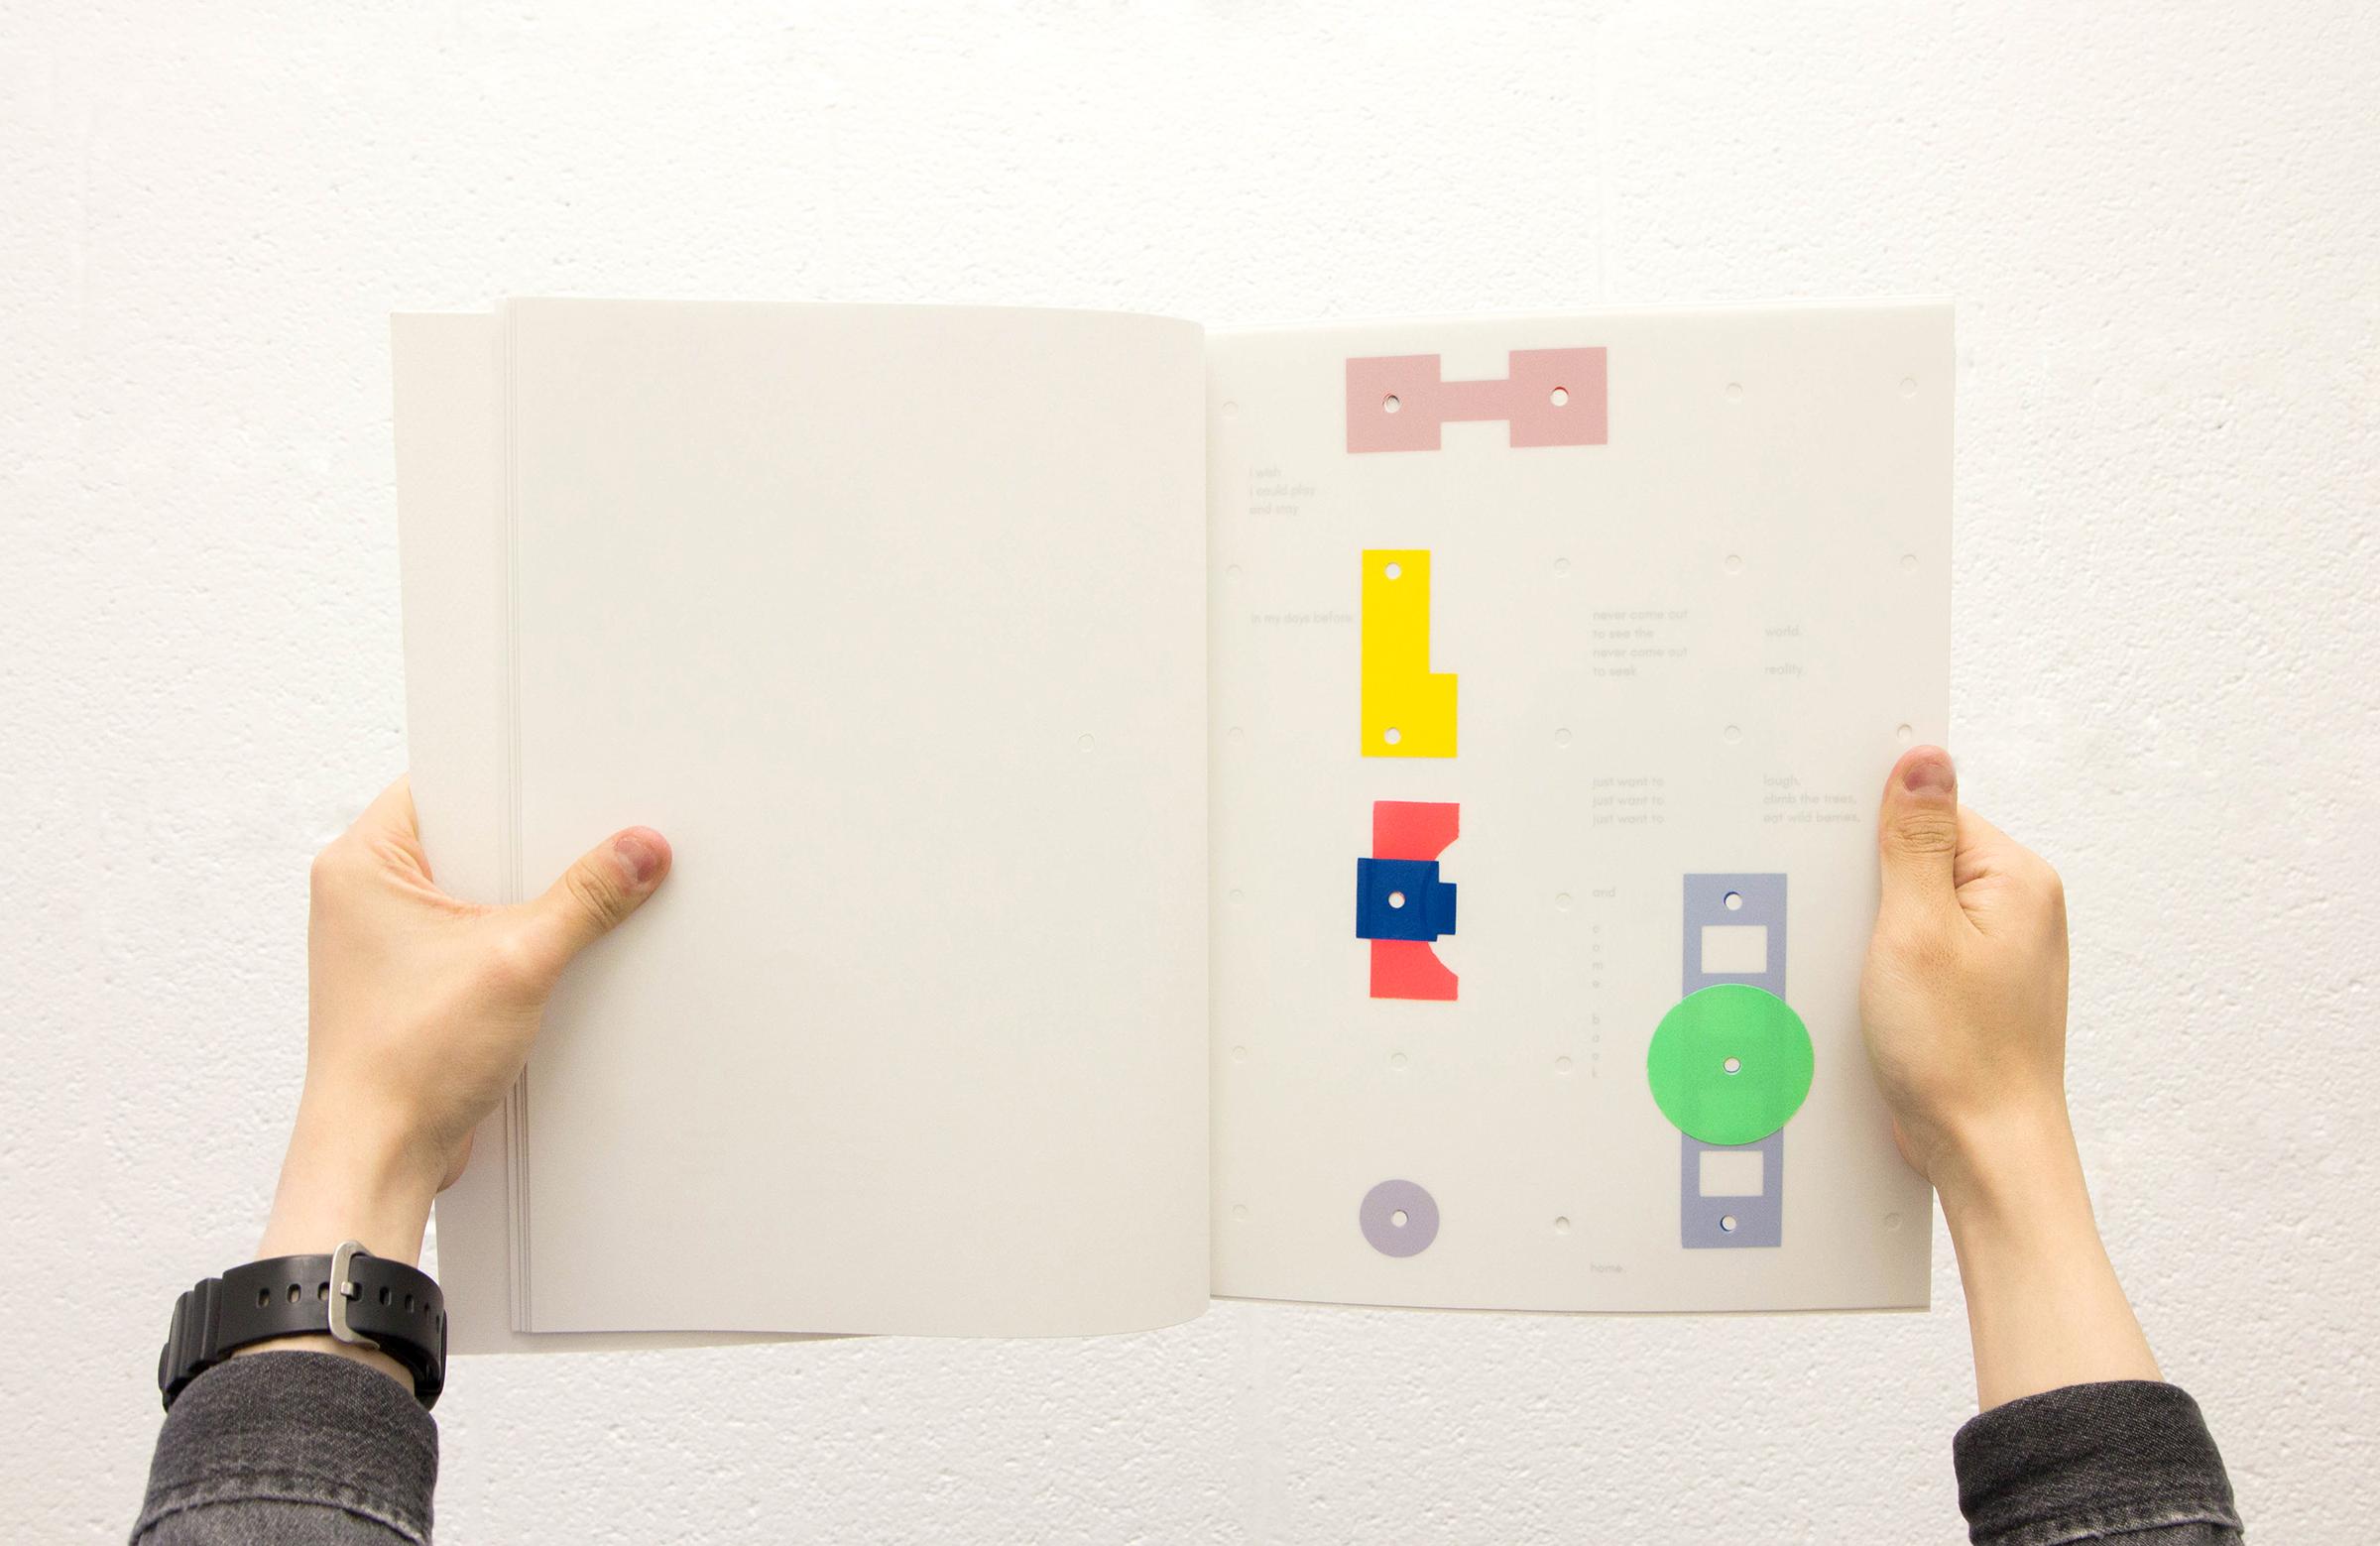 poembook.jpg